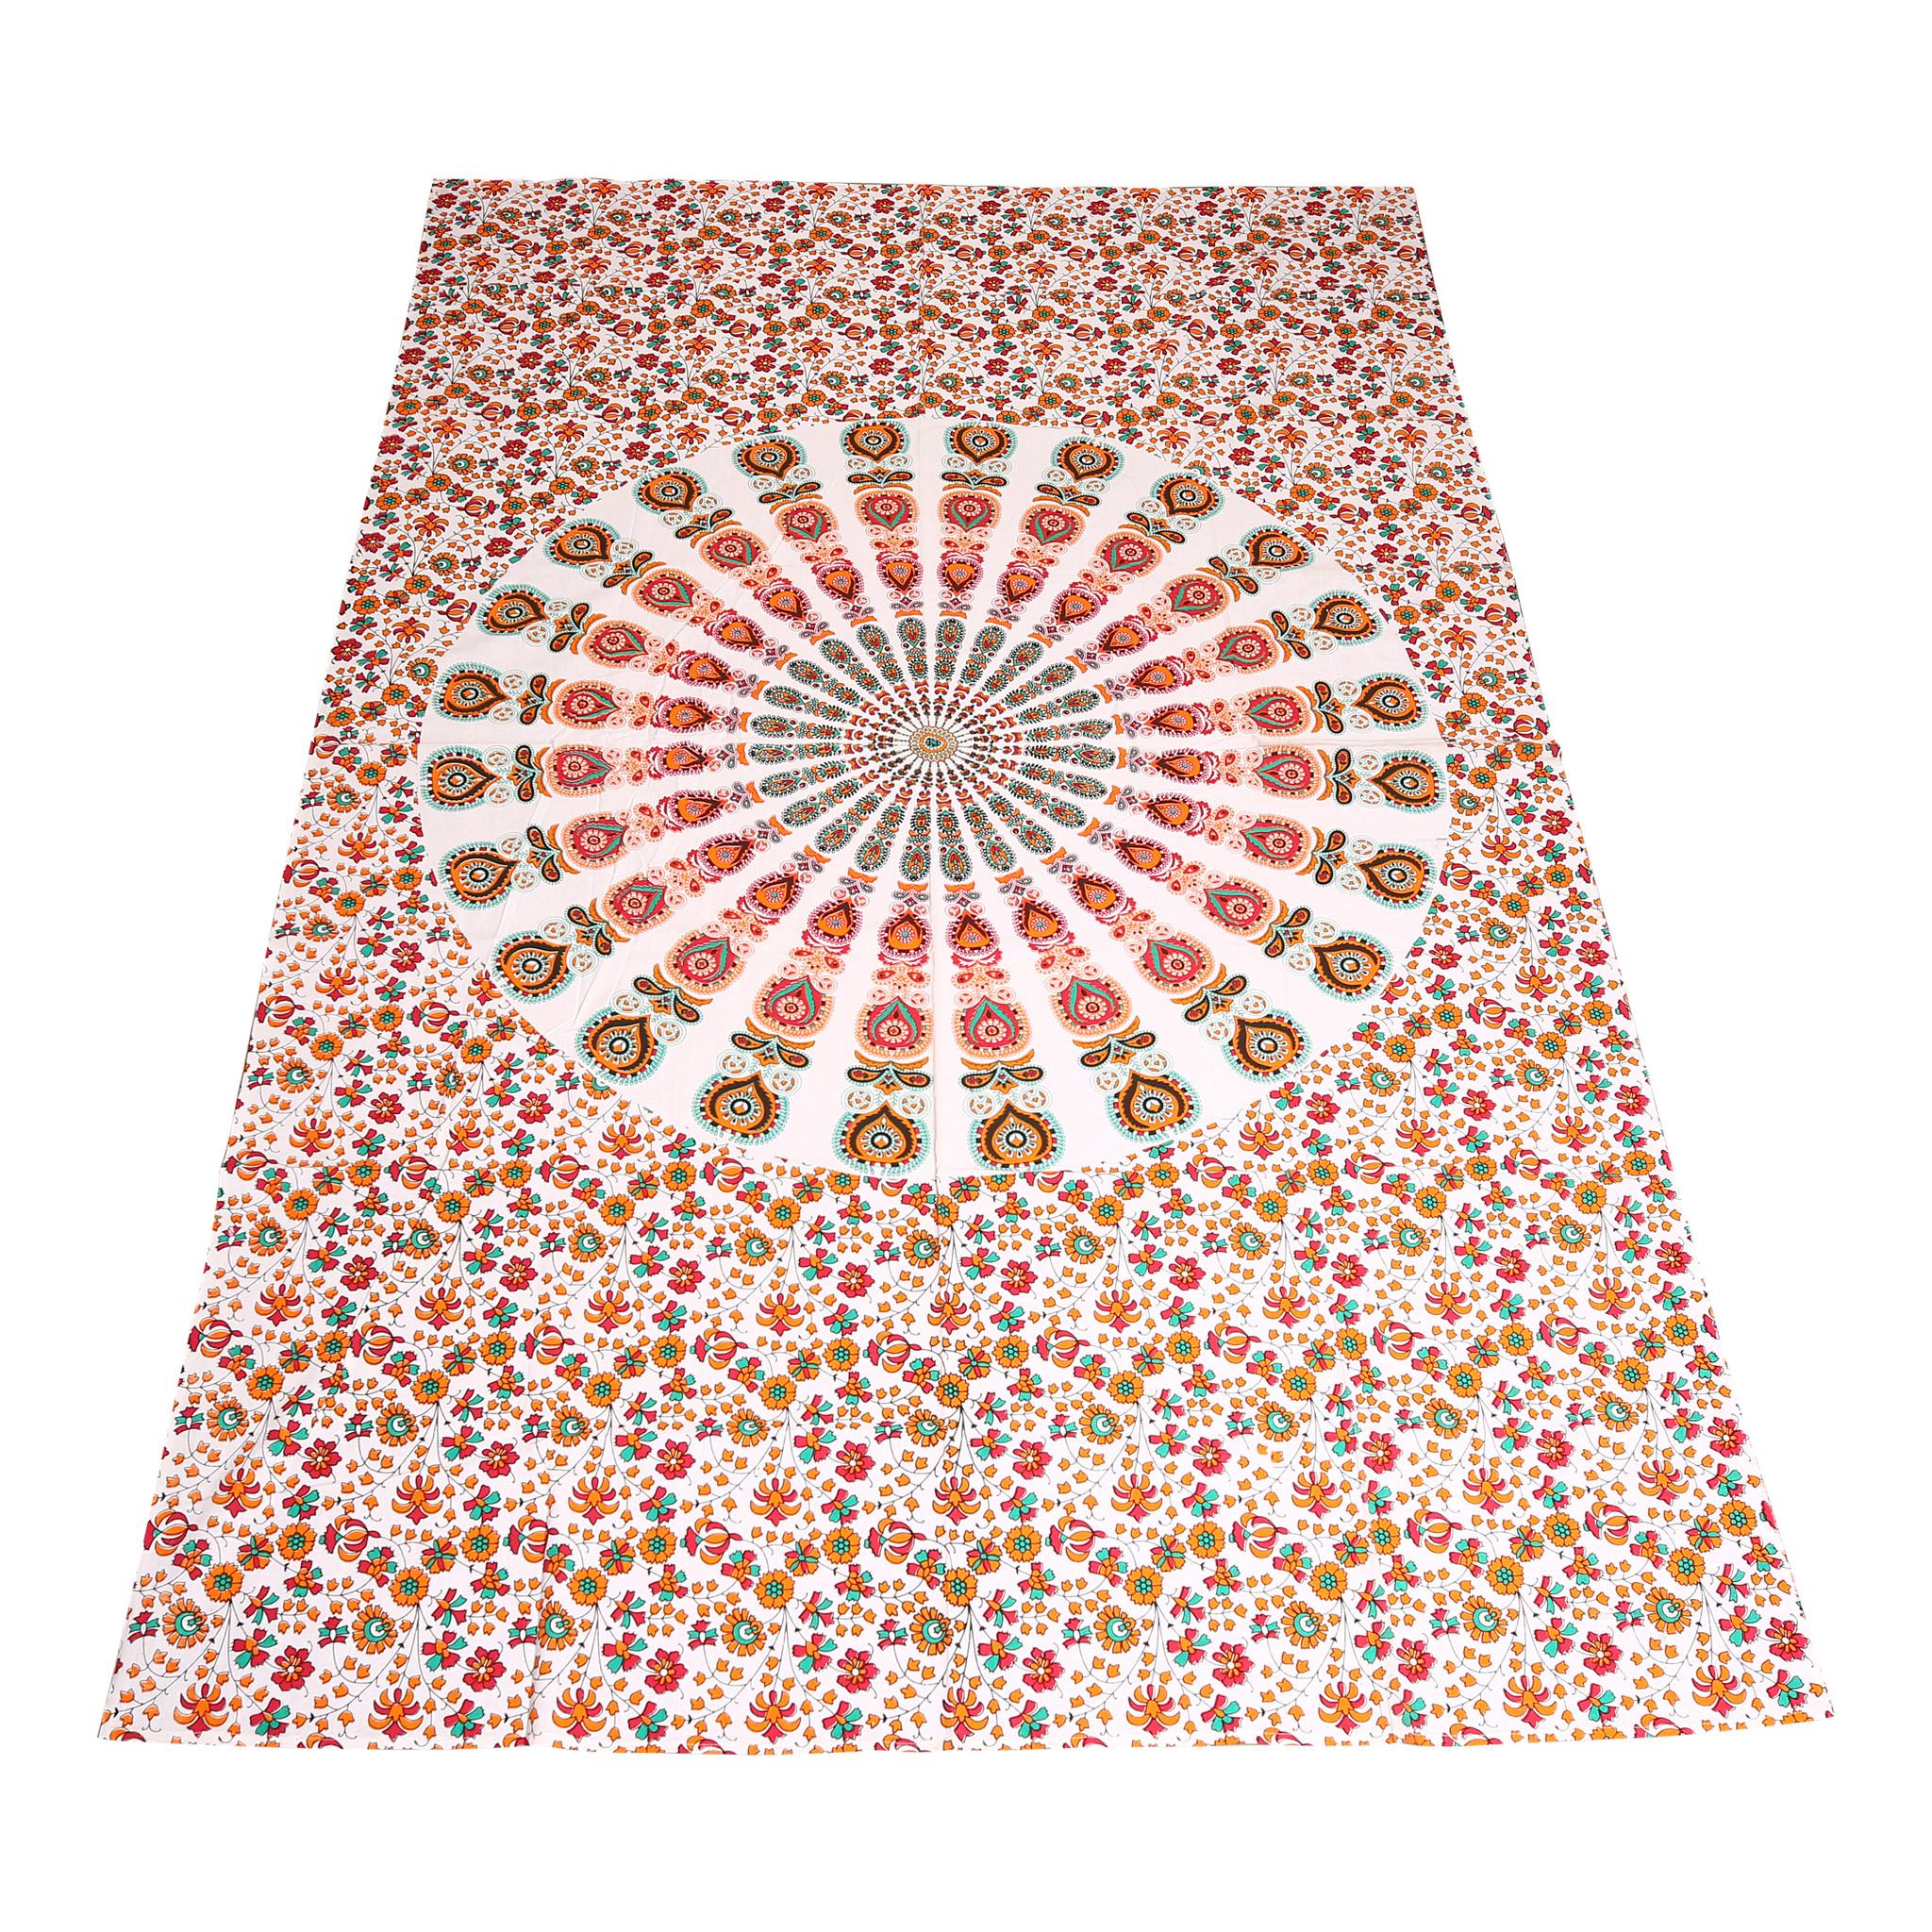 Myroundie Myroundie – roundie  - rechthoekig strandlaken – strandkleed - yoga kleed - picknickkleed - speelkleed - muurkleed - 100% katoen  - 140 x 210 cm - 807